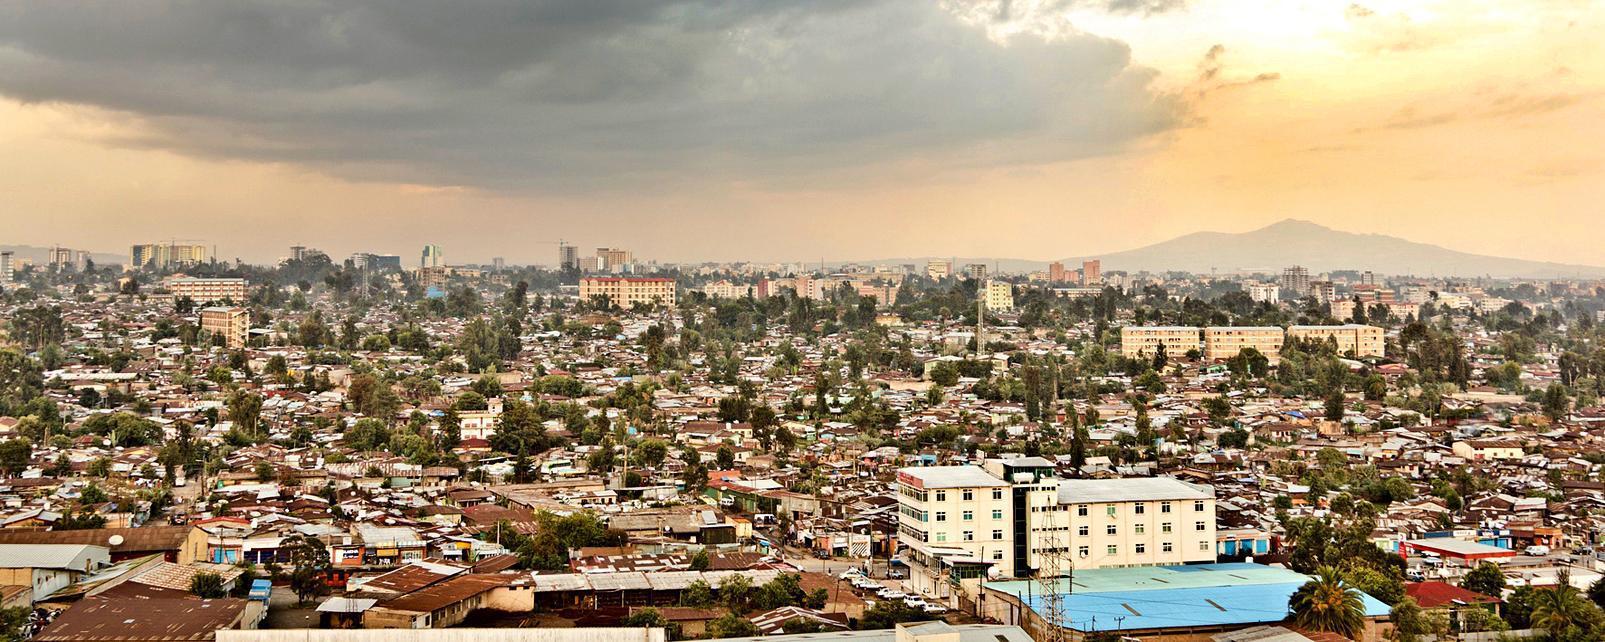 Afrique; Ethiopie; Addis Abeba; ville; bâtiment; arbre;